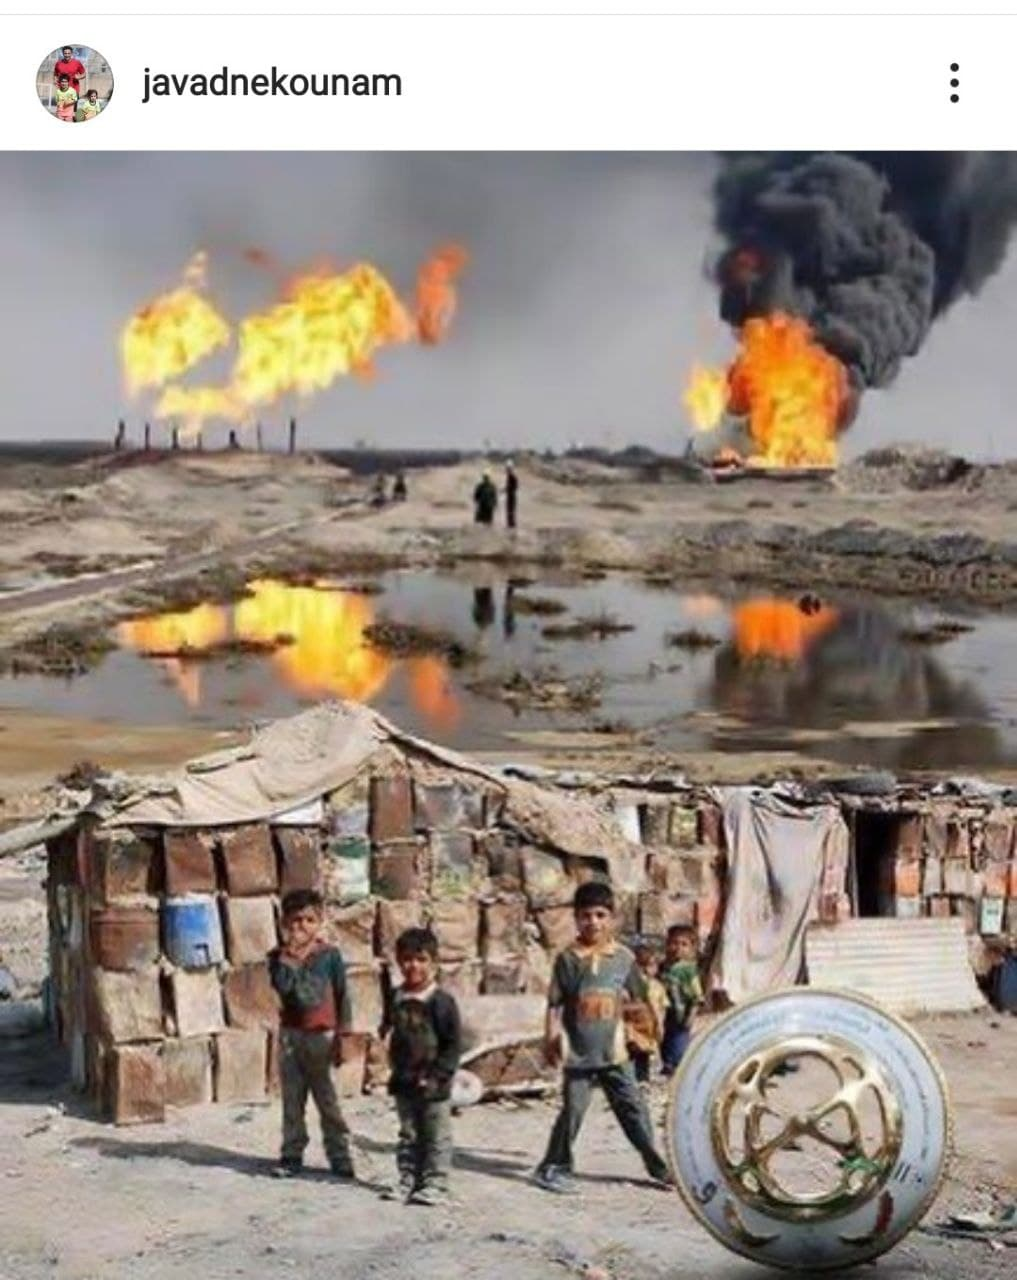 تعریف احساسی جواد نکونام از مردم خوزستان پس از قهرمانی فولاد در جام حذفی